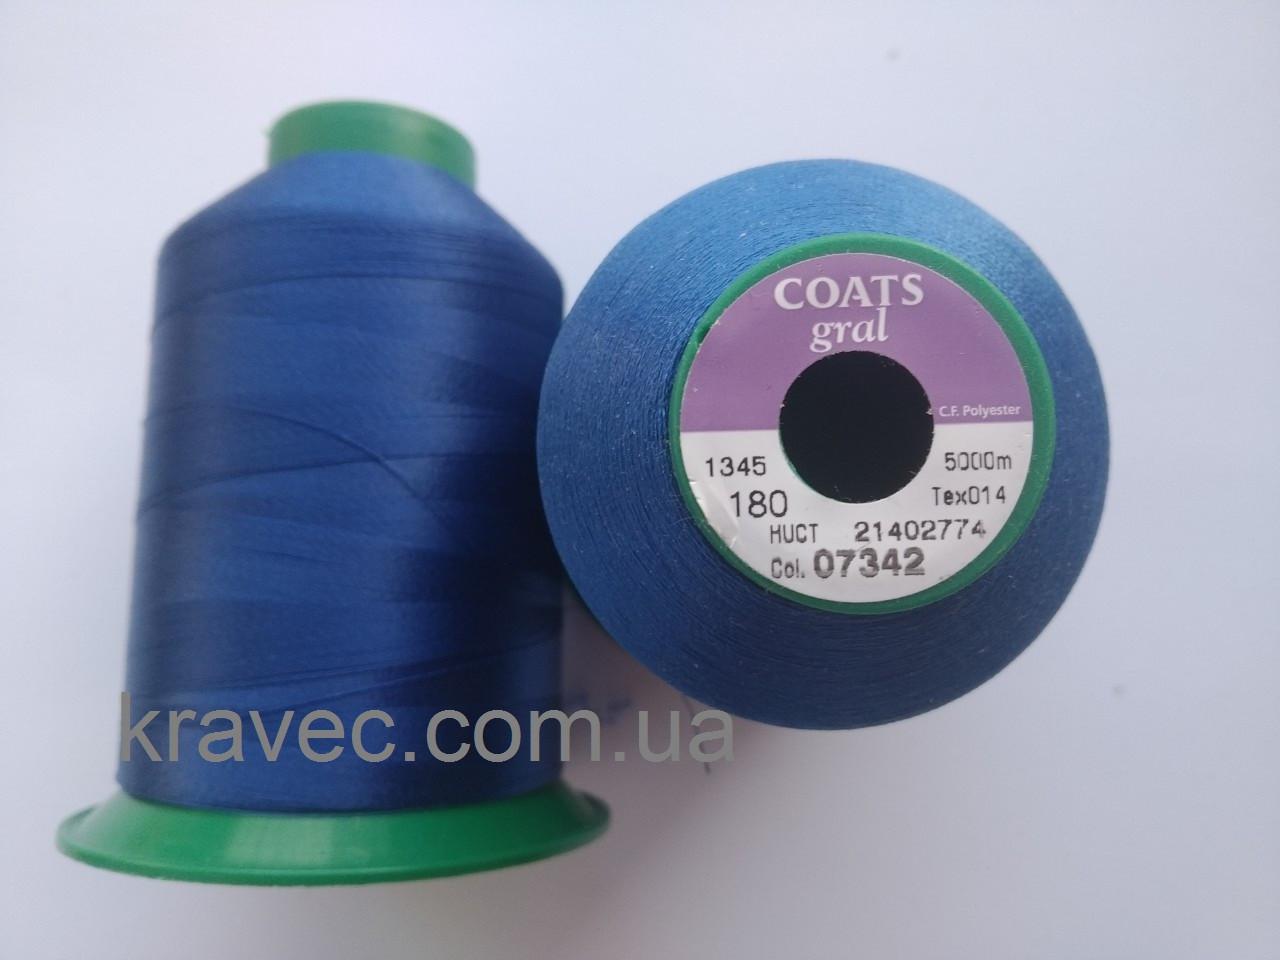 Нитки Coats gral 180 /07342